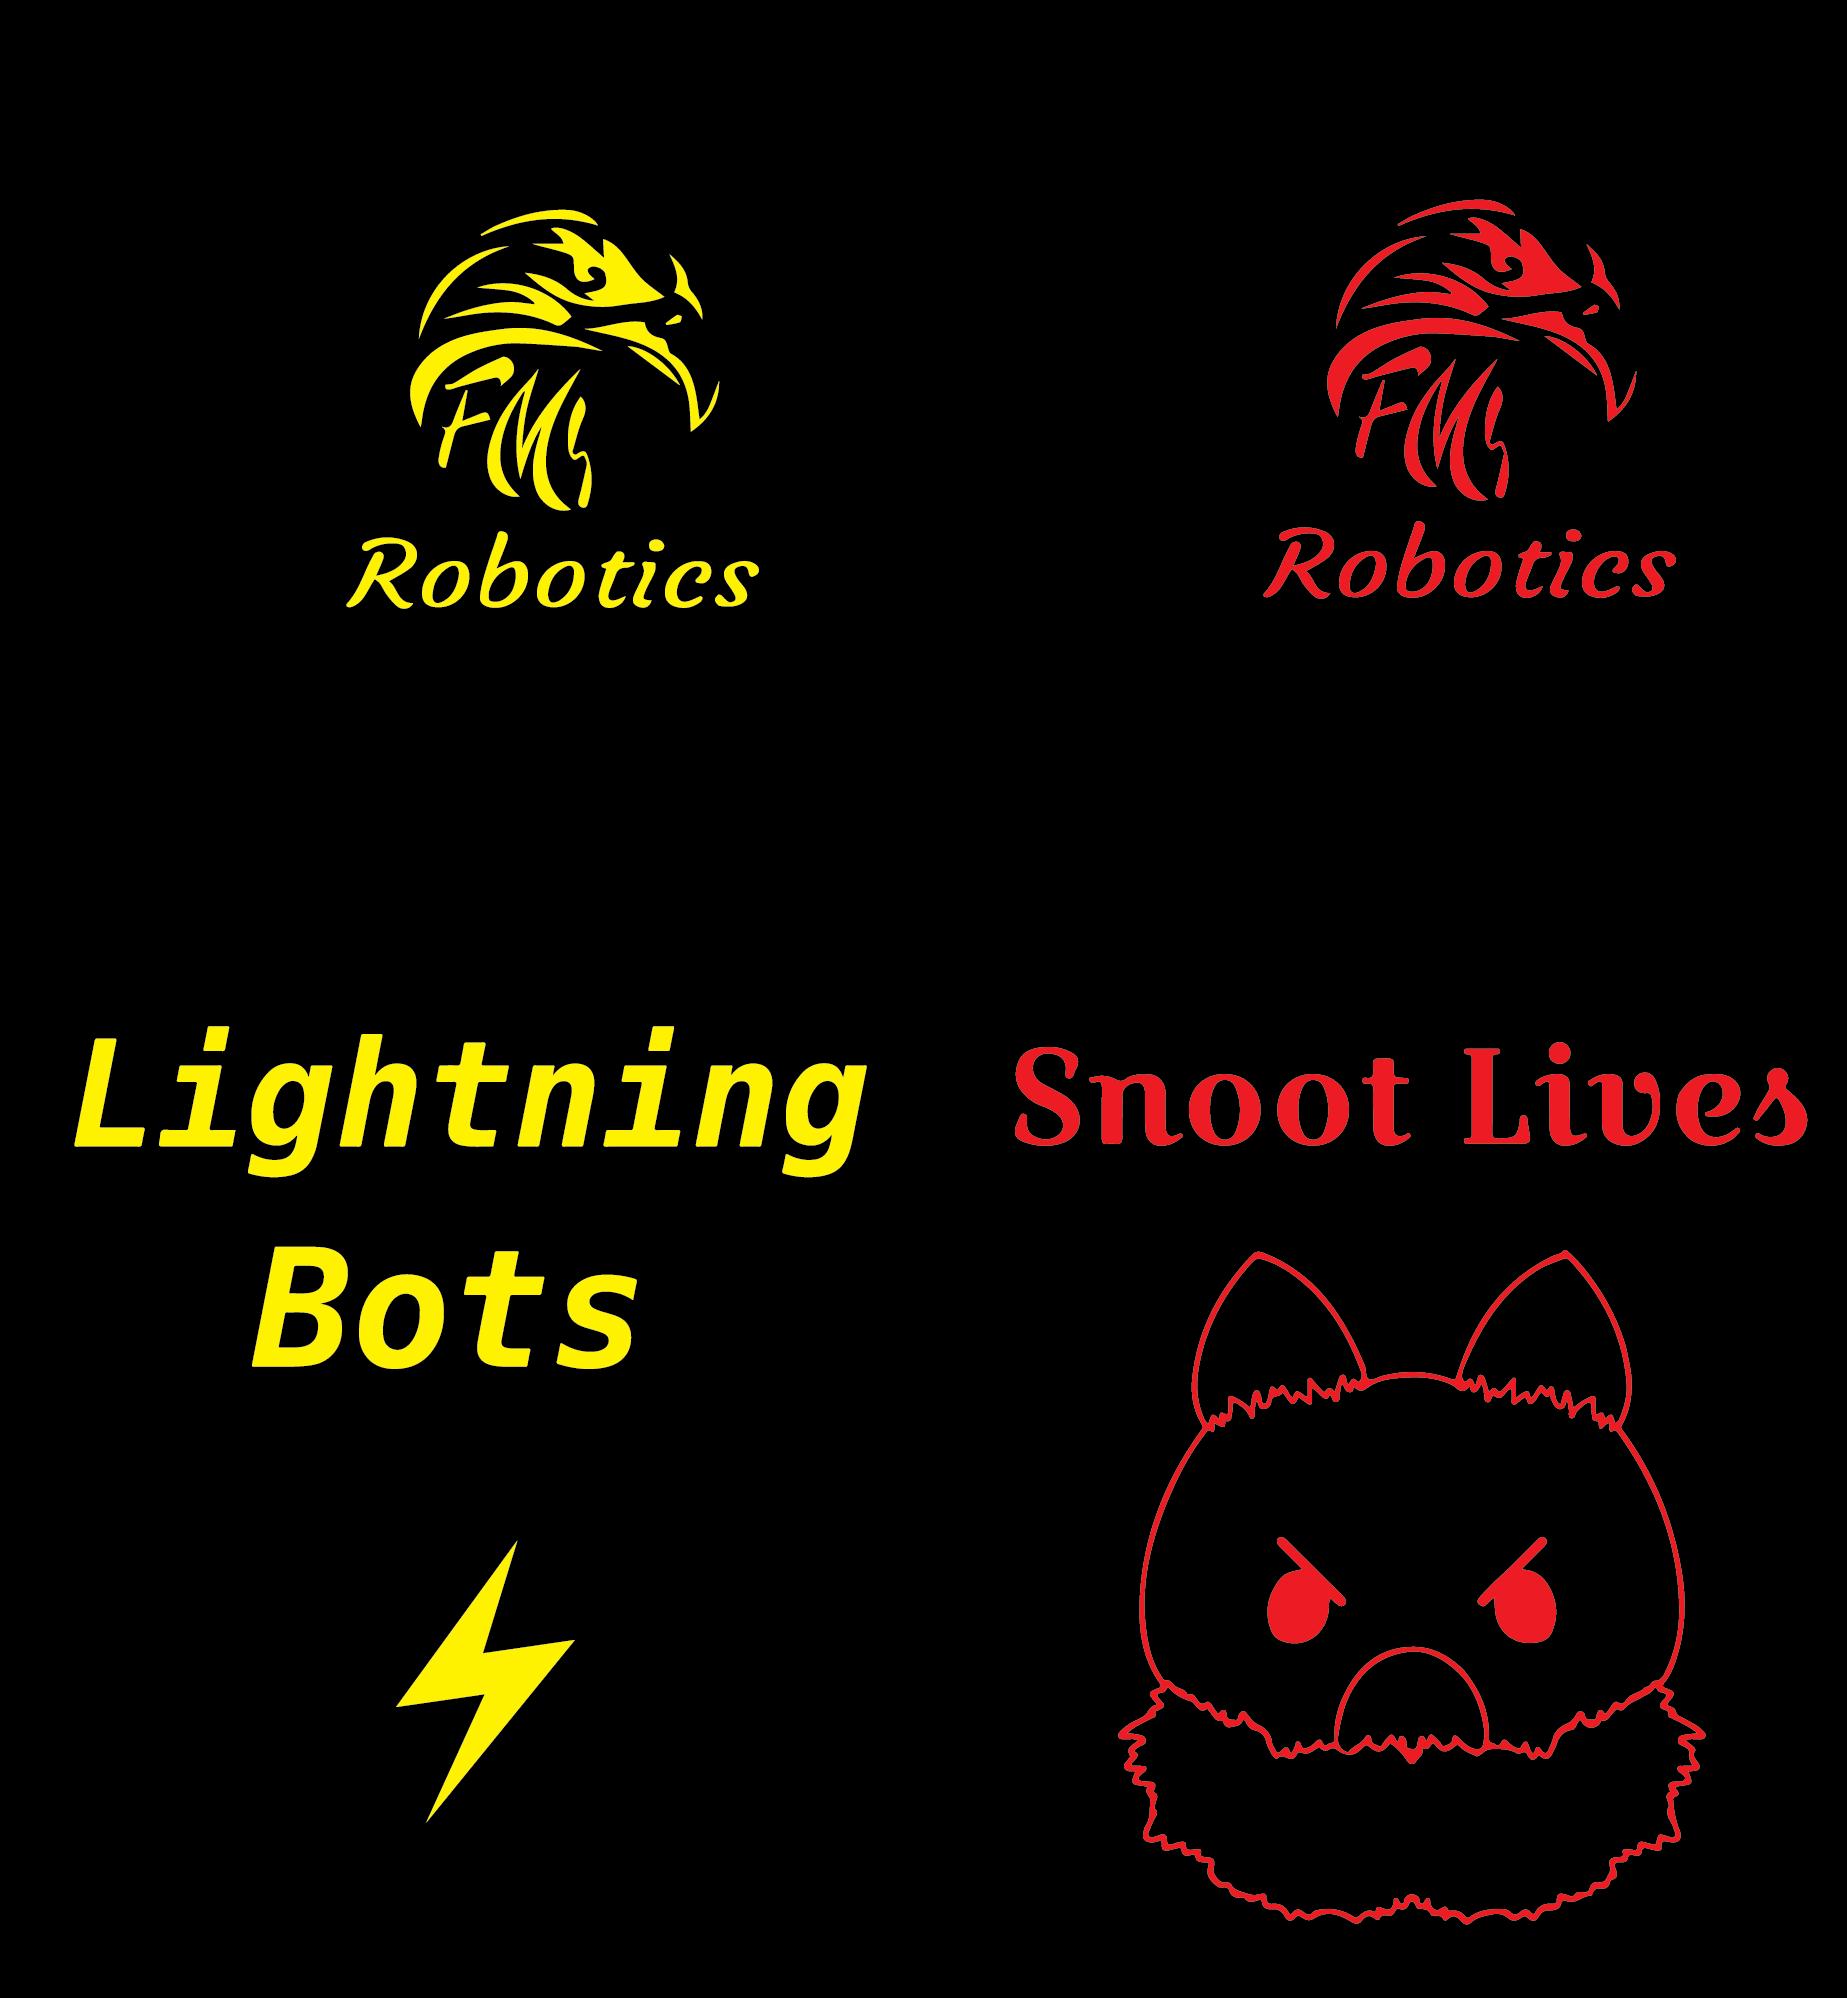 frontier-ms-robotics-19-04.png